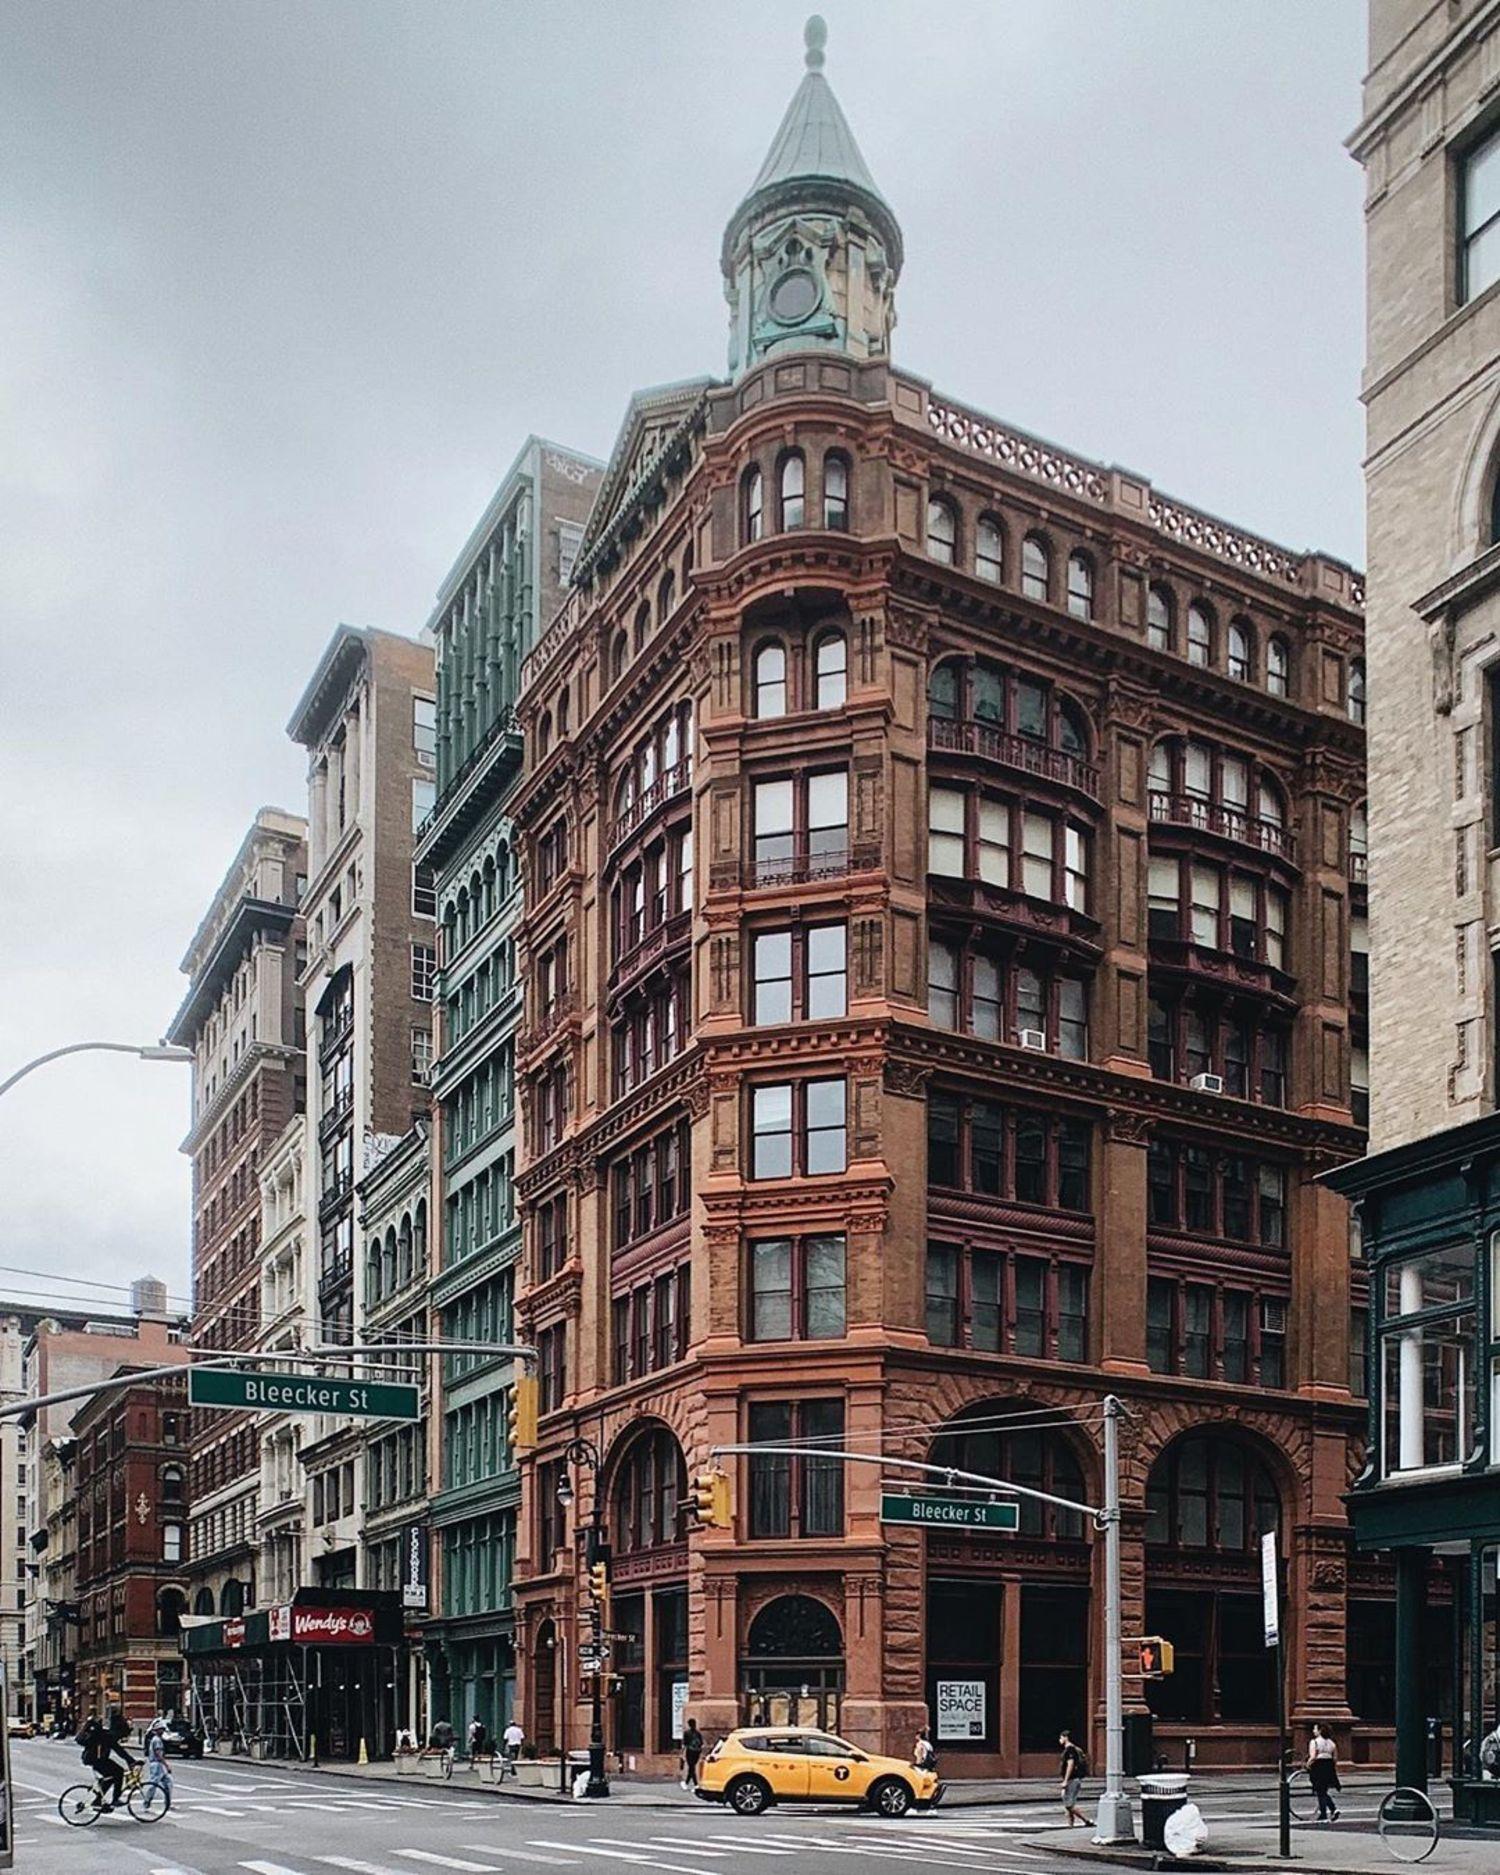 Bleecker Tower, Bleecker and Broadway, Greenwich Village, Manhattan